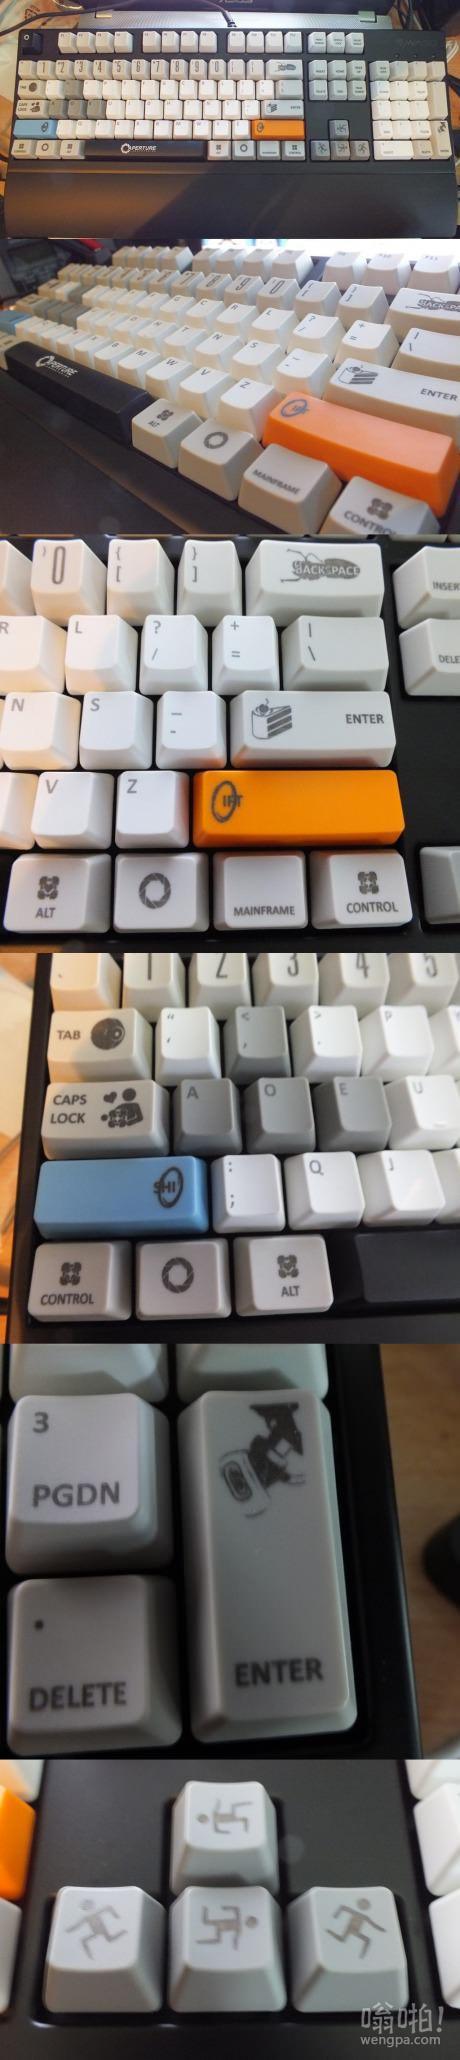 门户主题键盘